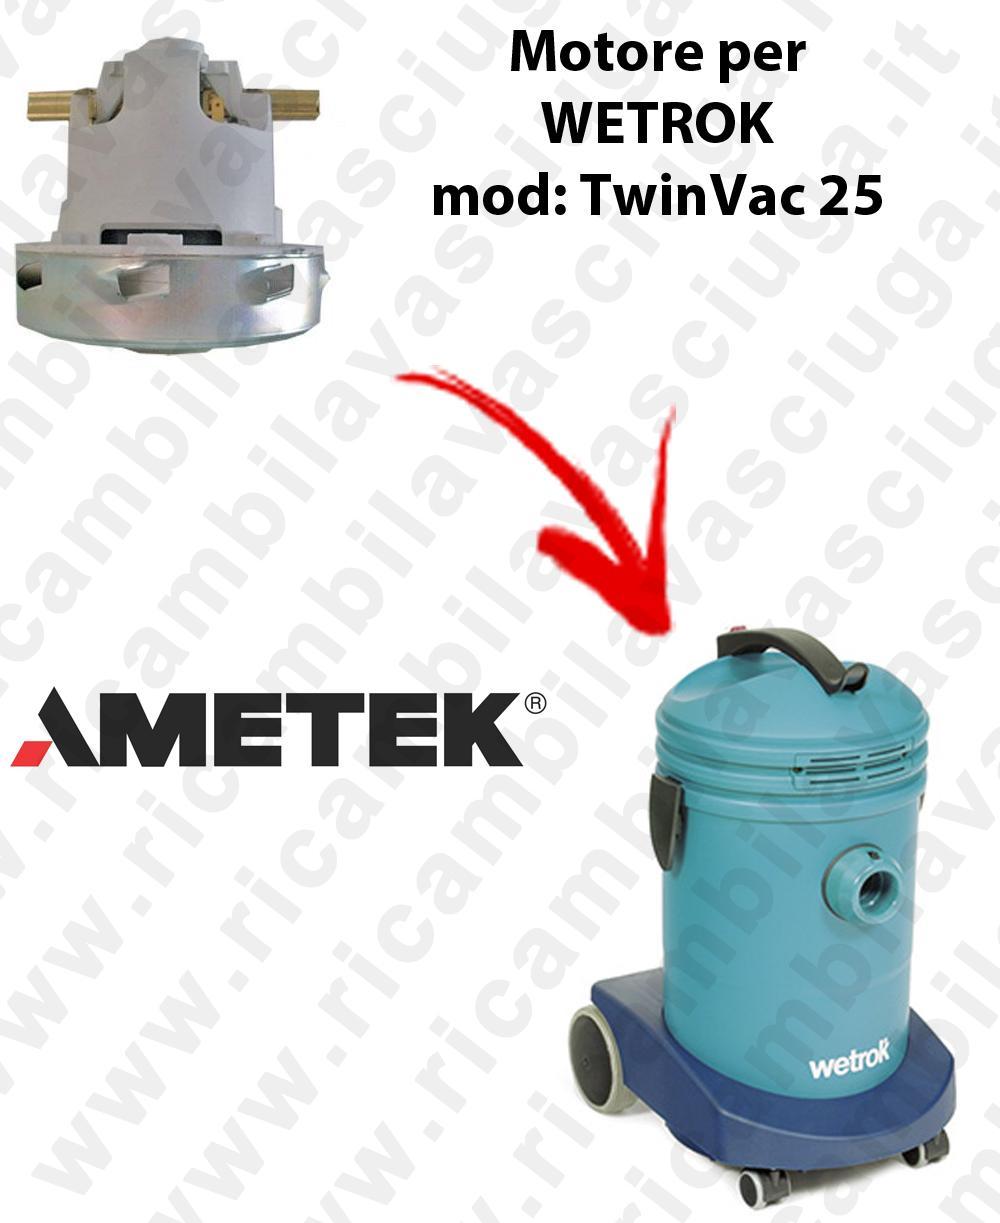 Motore Ametek di aspirazione per Aspirapolvere WETROK TwinVac 25